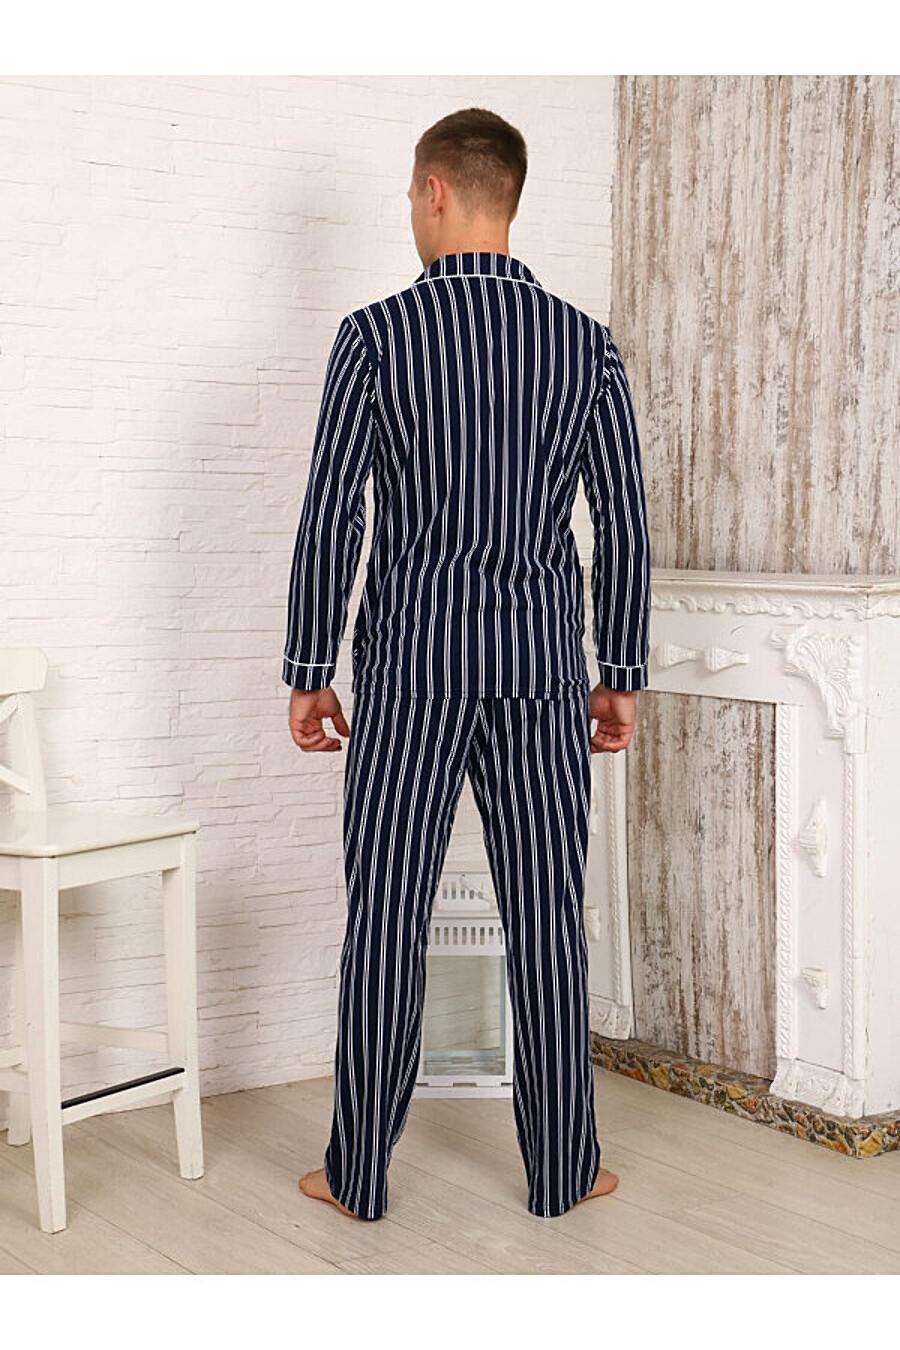 Костюм(Брюки+рубашка) для мужчин SOFIYA37 708066 купить оптом от производителя. Совместная покупка мужской одежды в OptMoyo